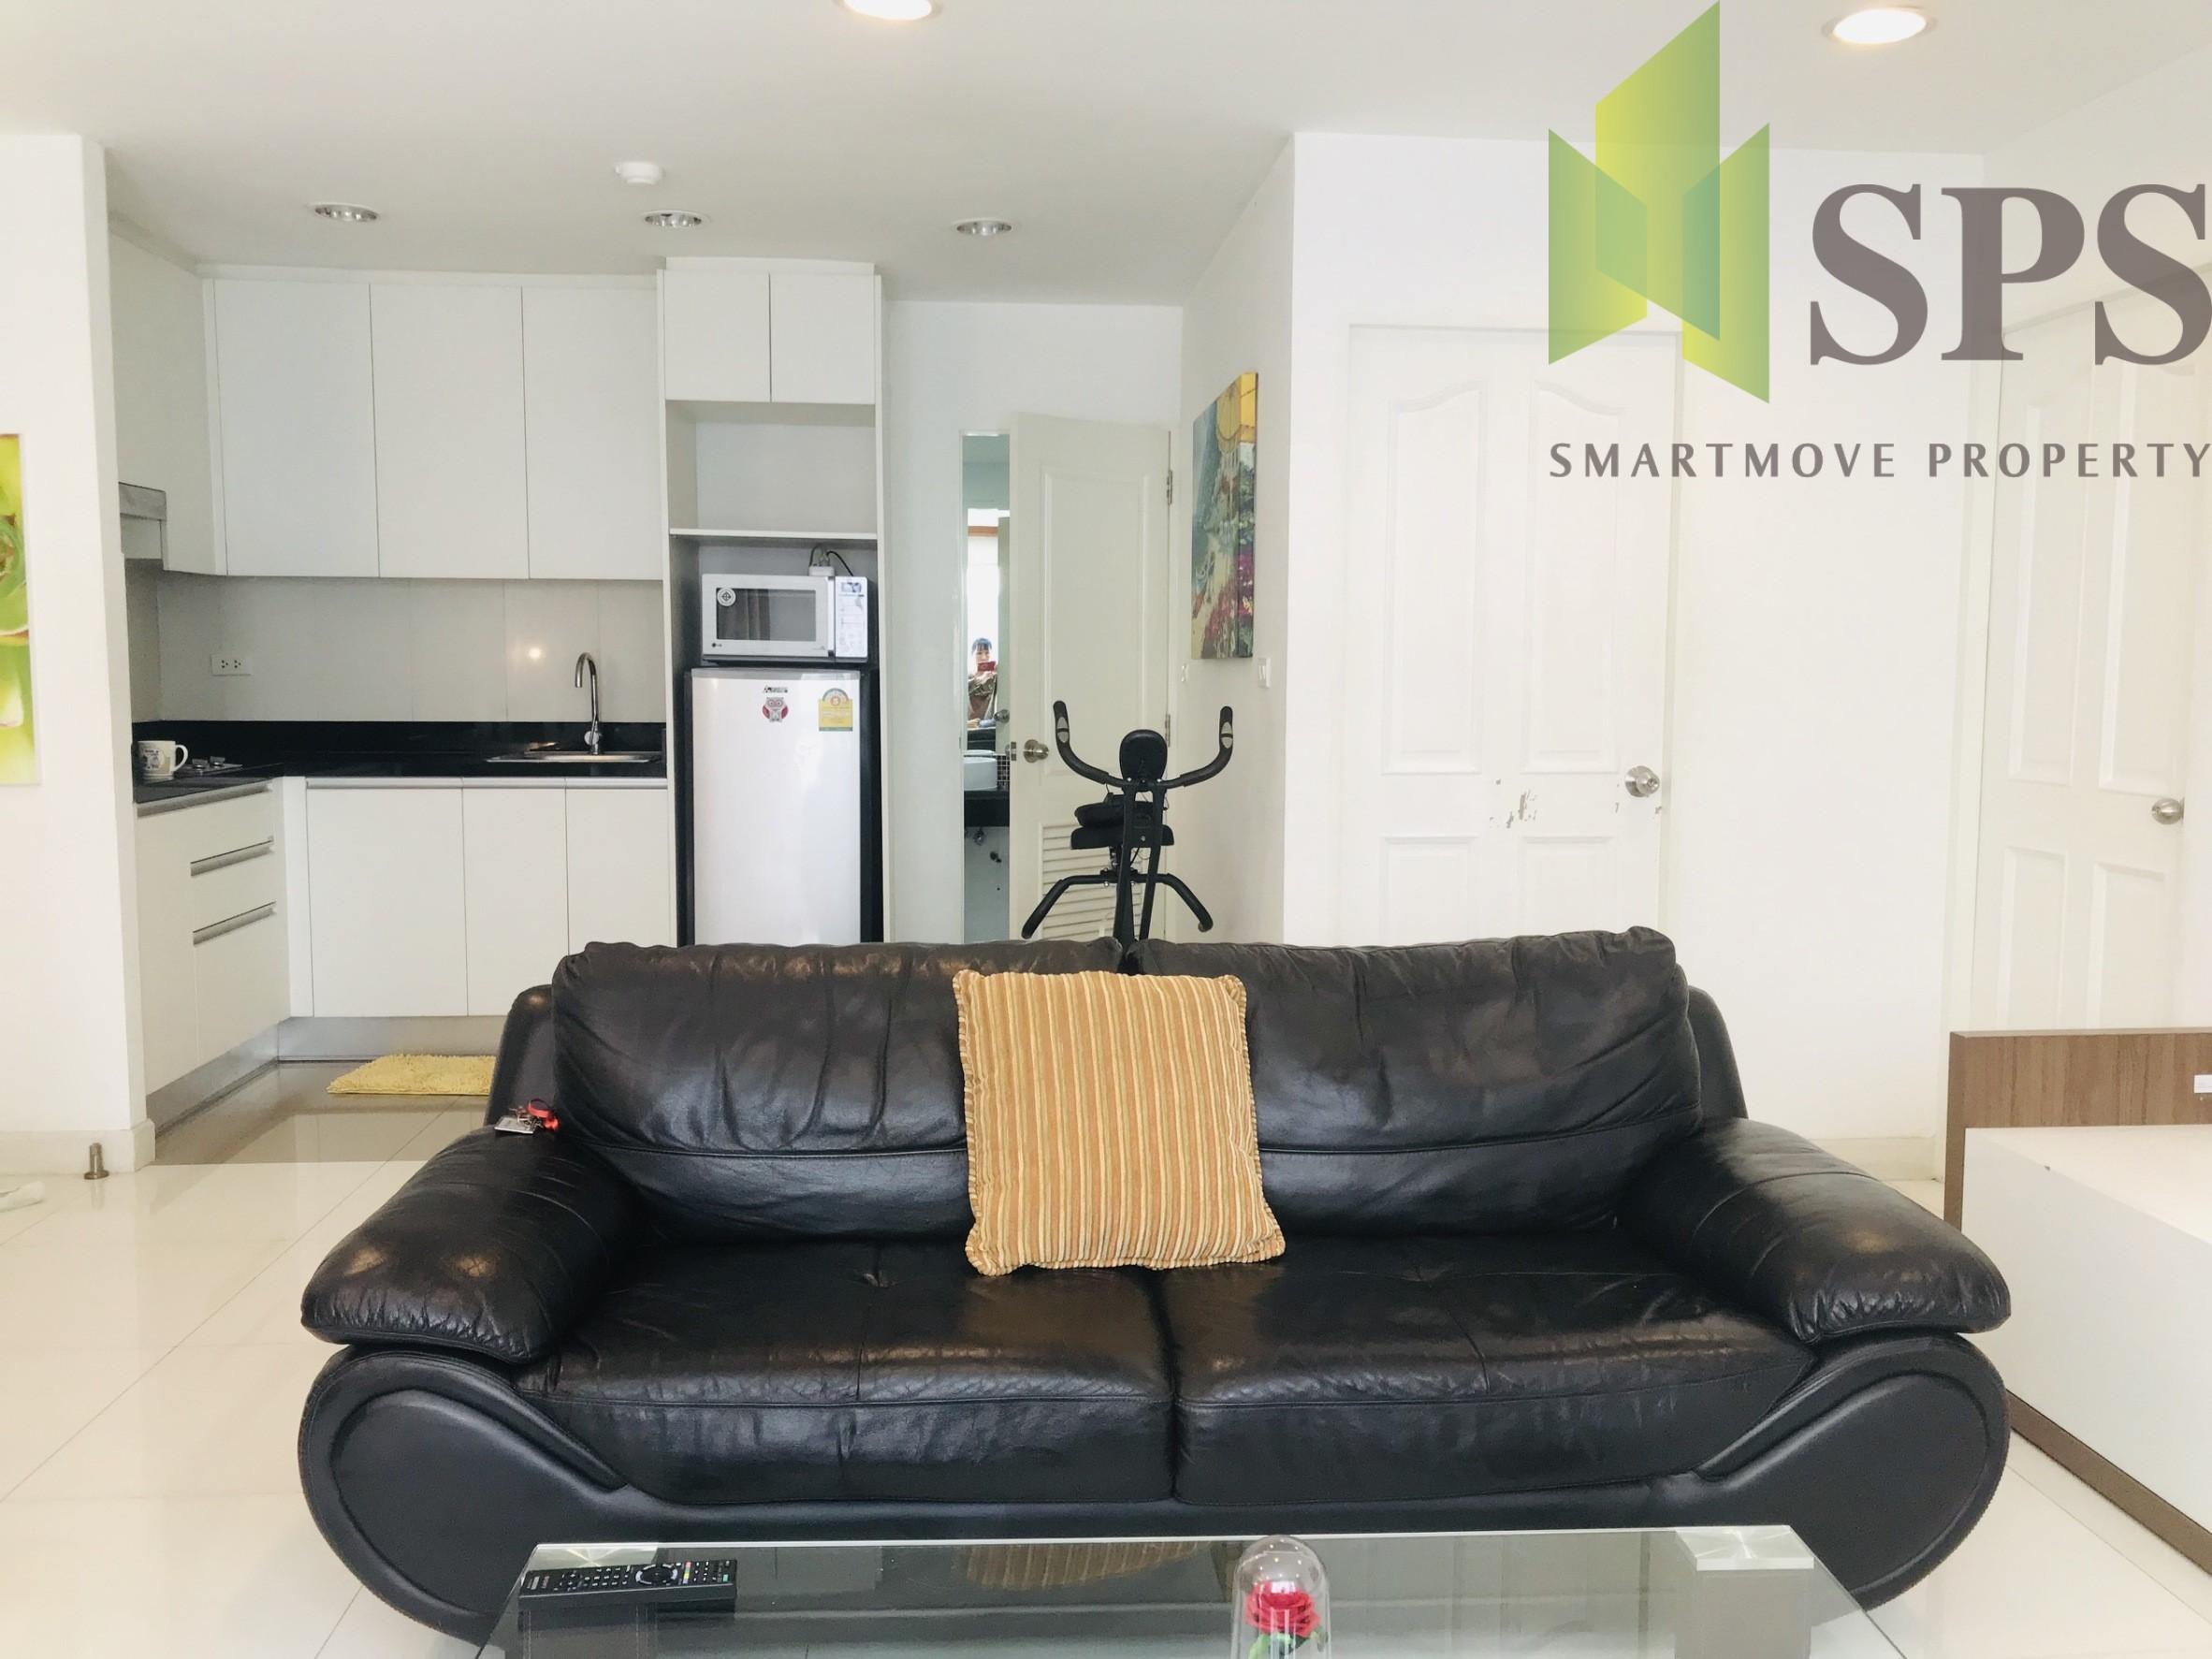 Cassia Condominium Bearing BTS (SPS-GC519)